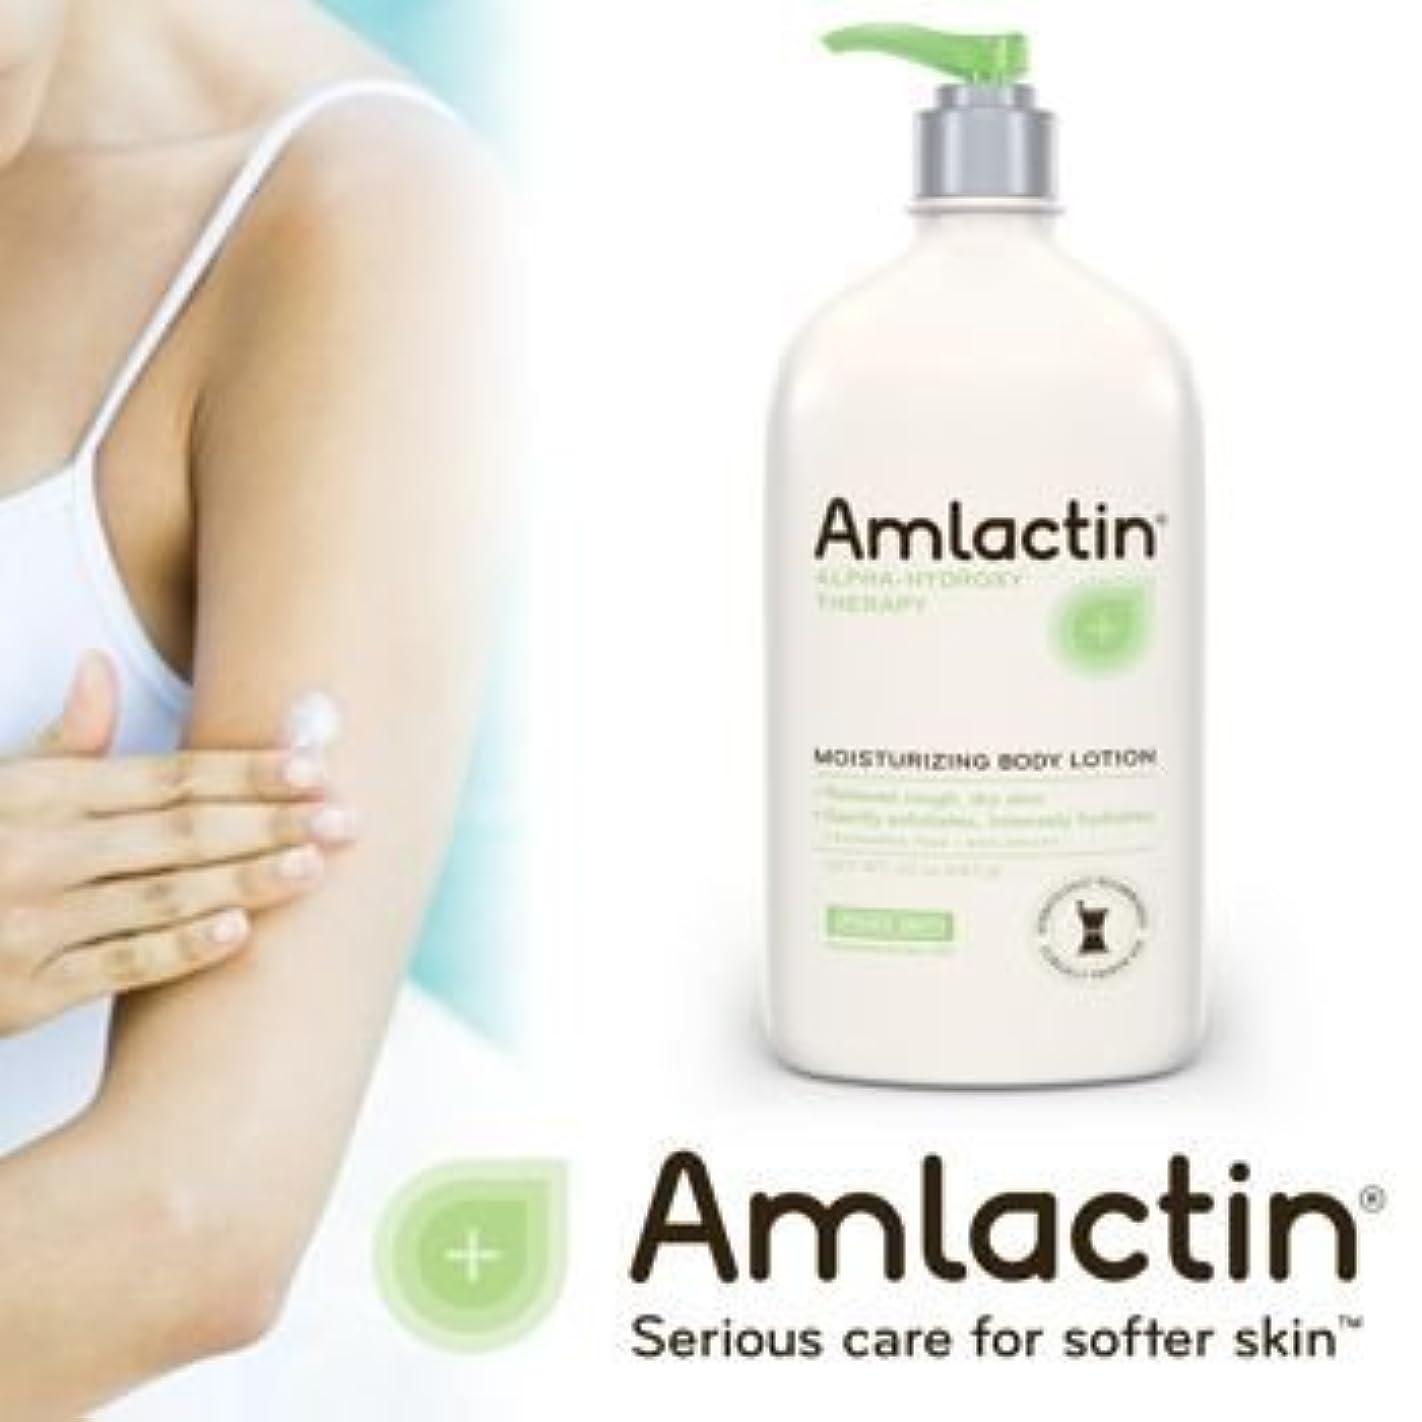 サンダー酔った捧げるアムラクティン 保湿液 (乾燥肌のため) - 12% 乳酸 - AmLactin 12 % Moisturizing Lotion - 500 g / 17.6 oz (Product packaging may vary)